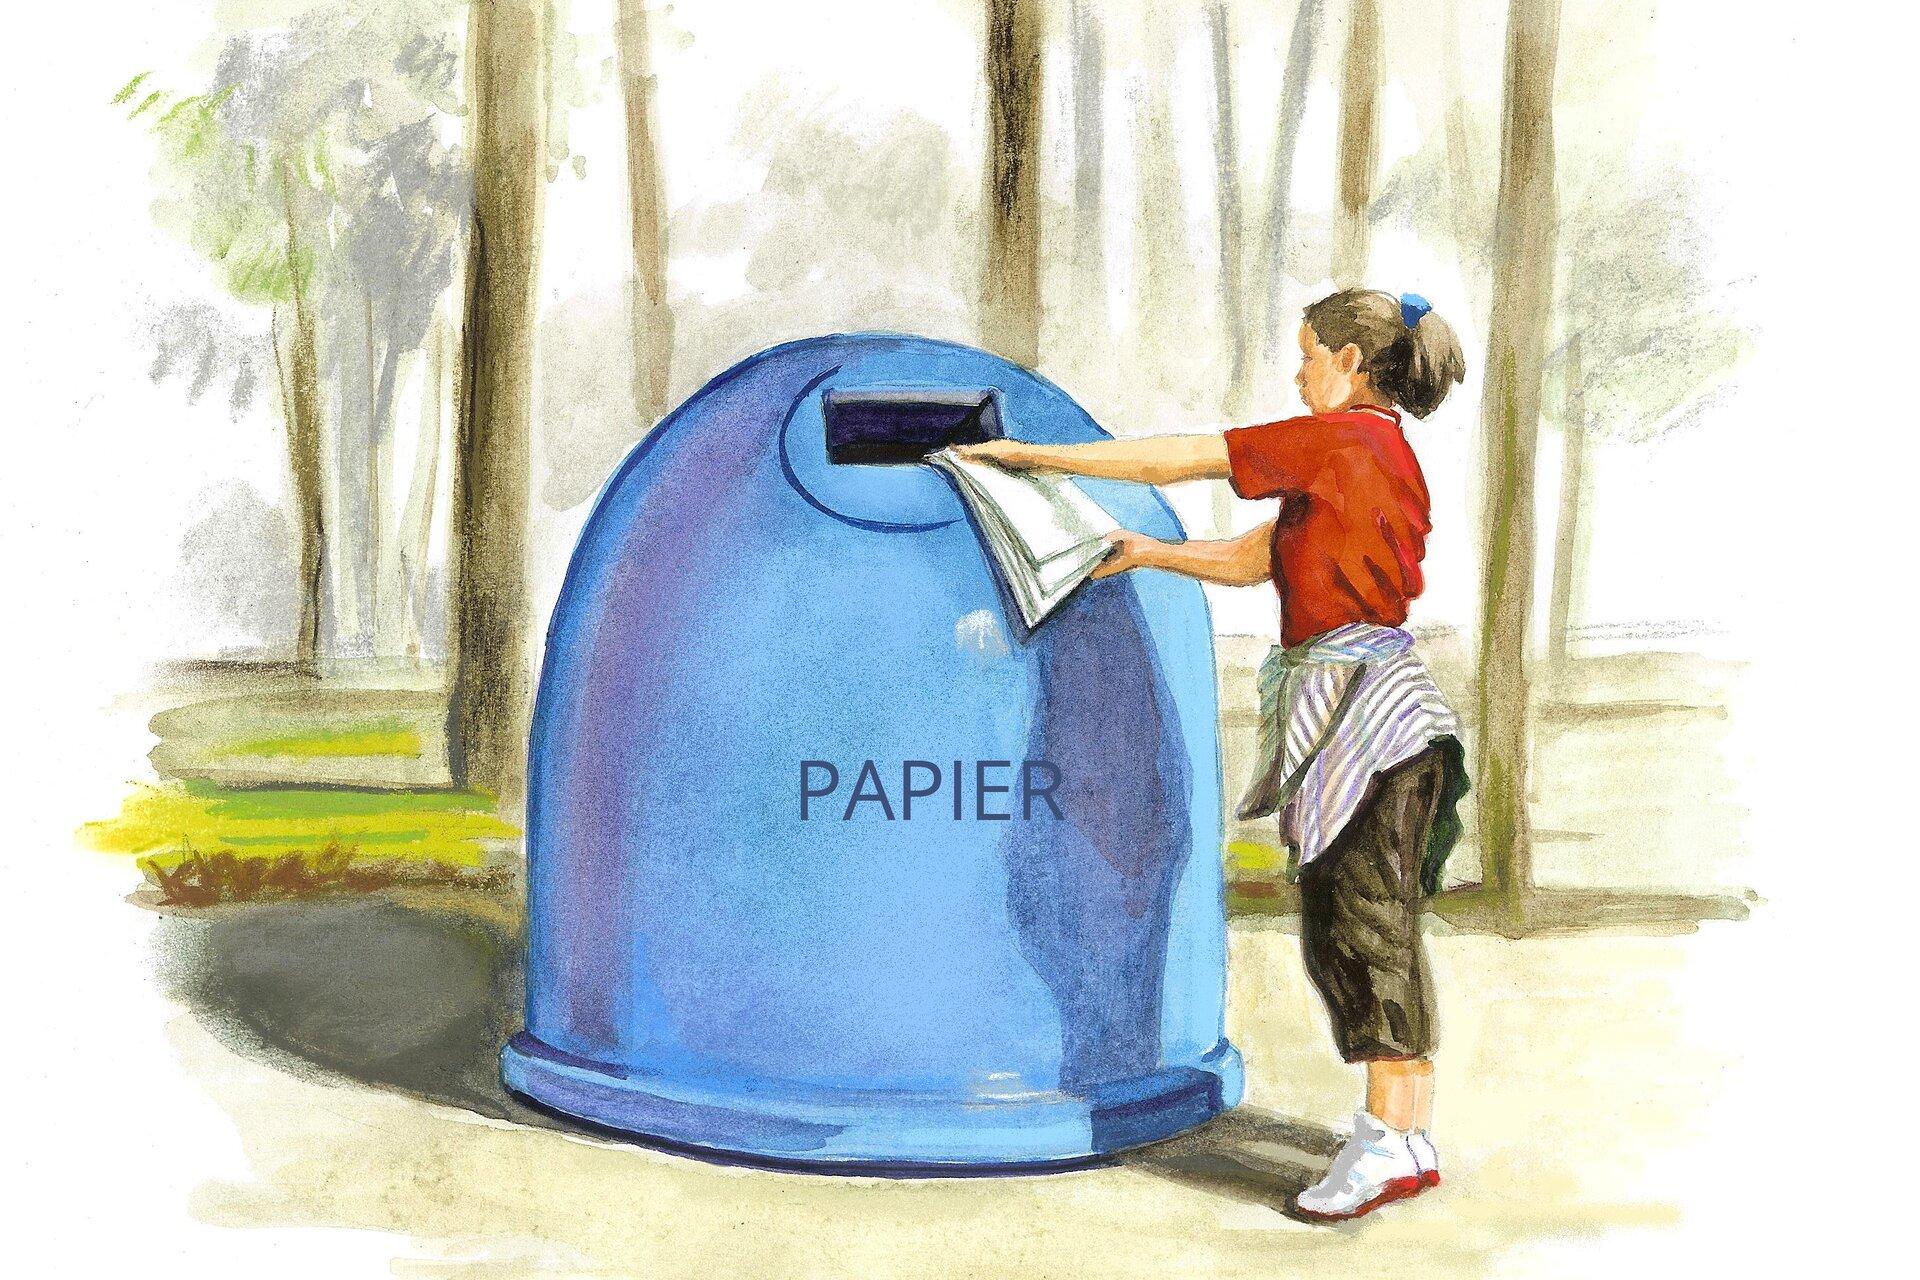 Ilustracja przedstawiająca osobę wrzucającą paier do odpowiedniego pojemnika